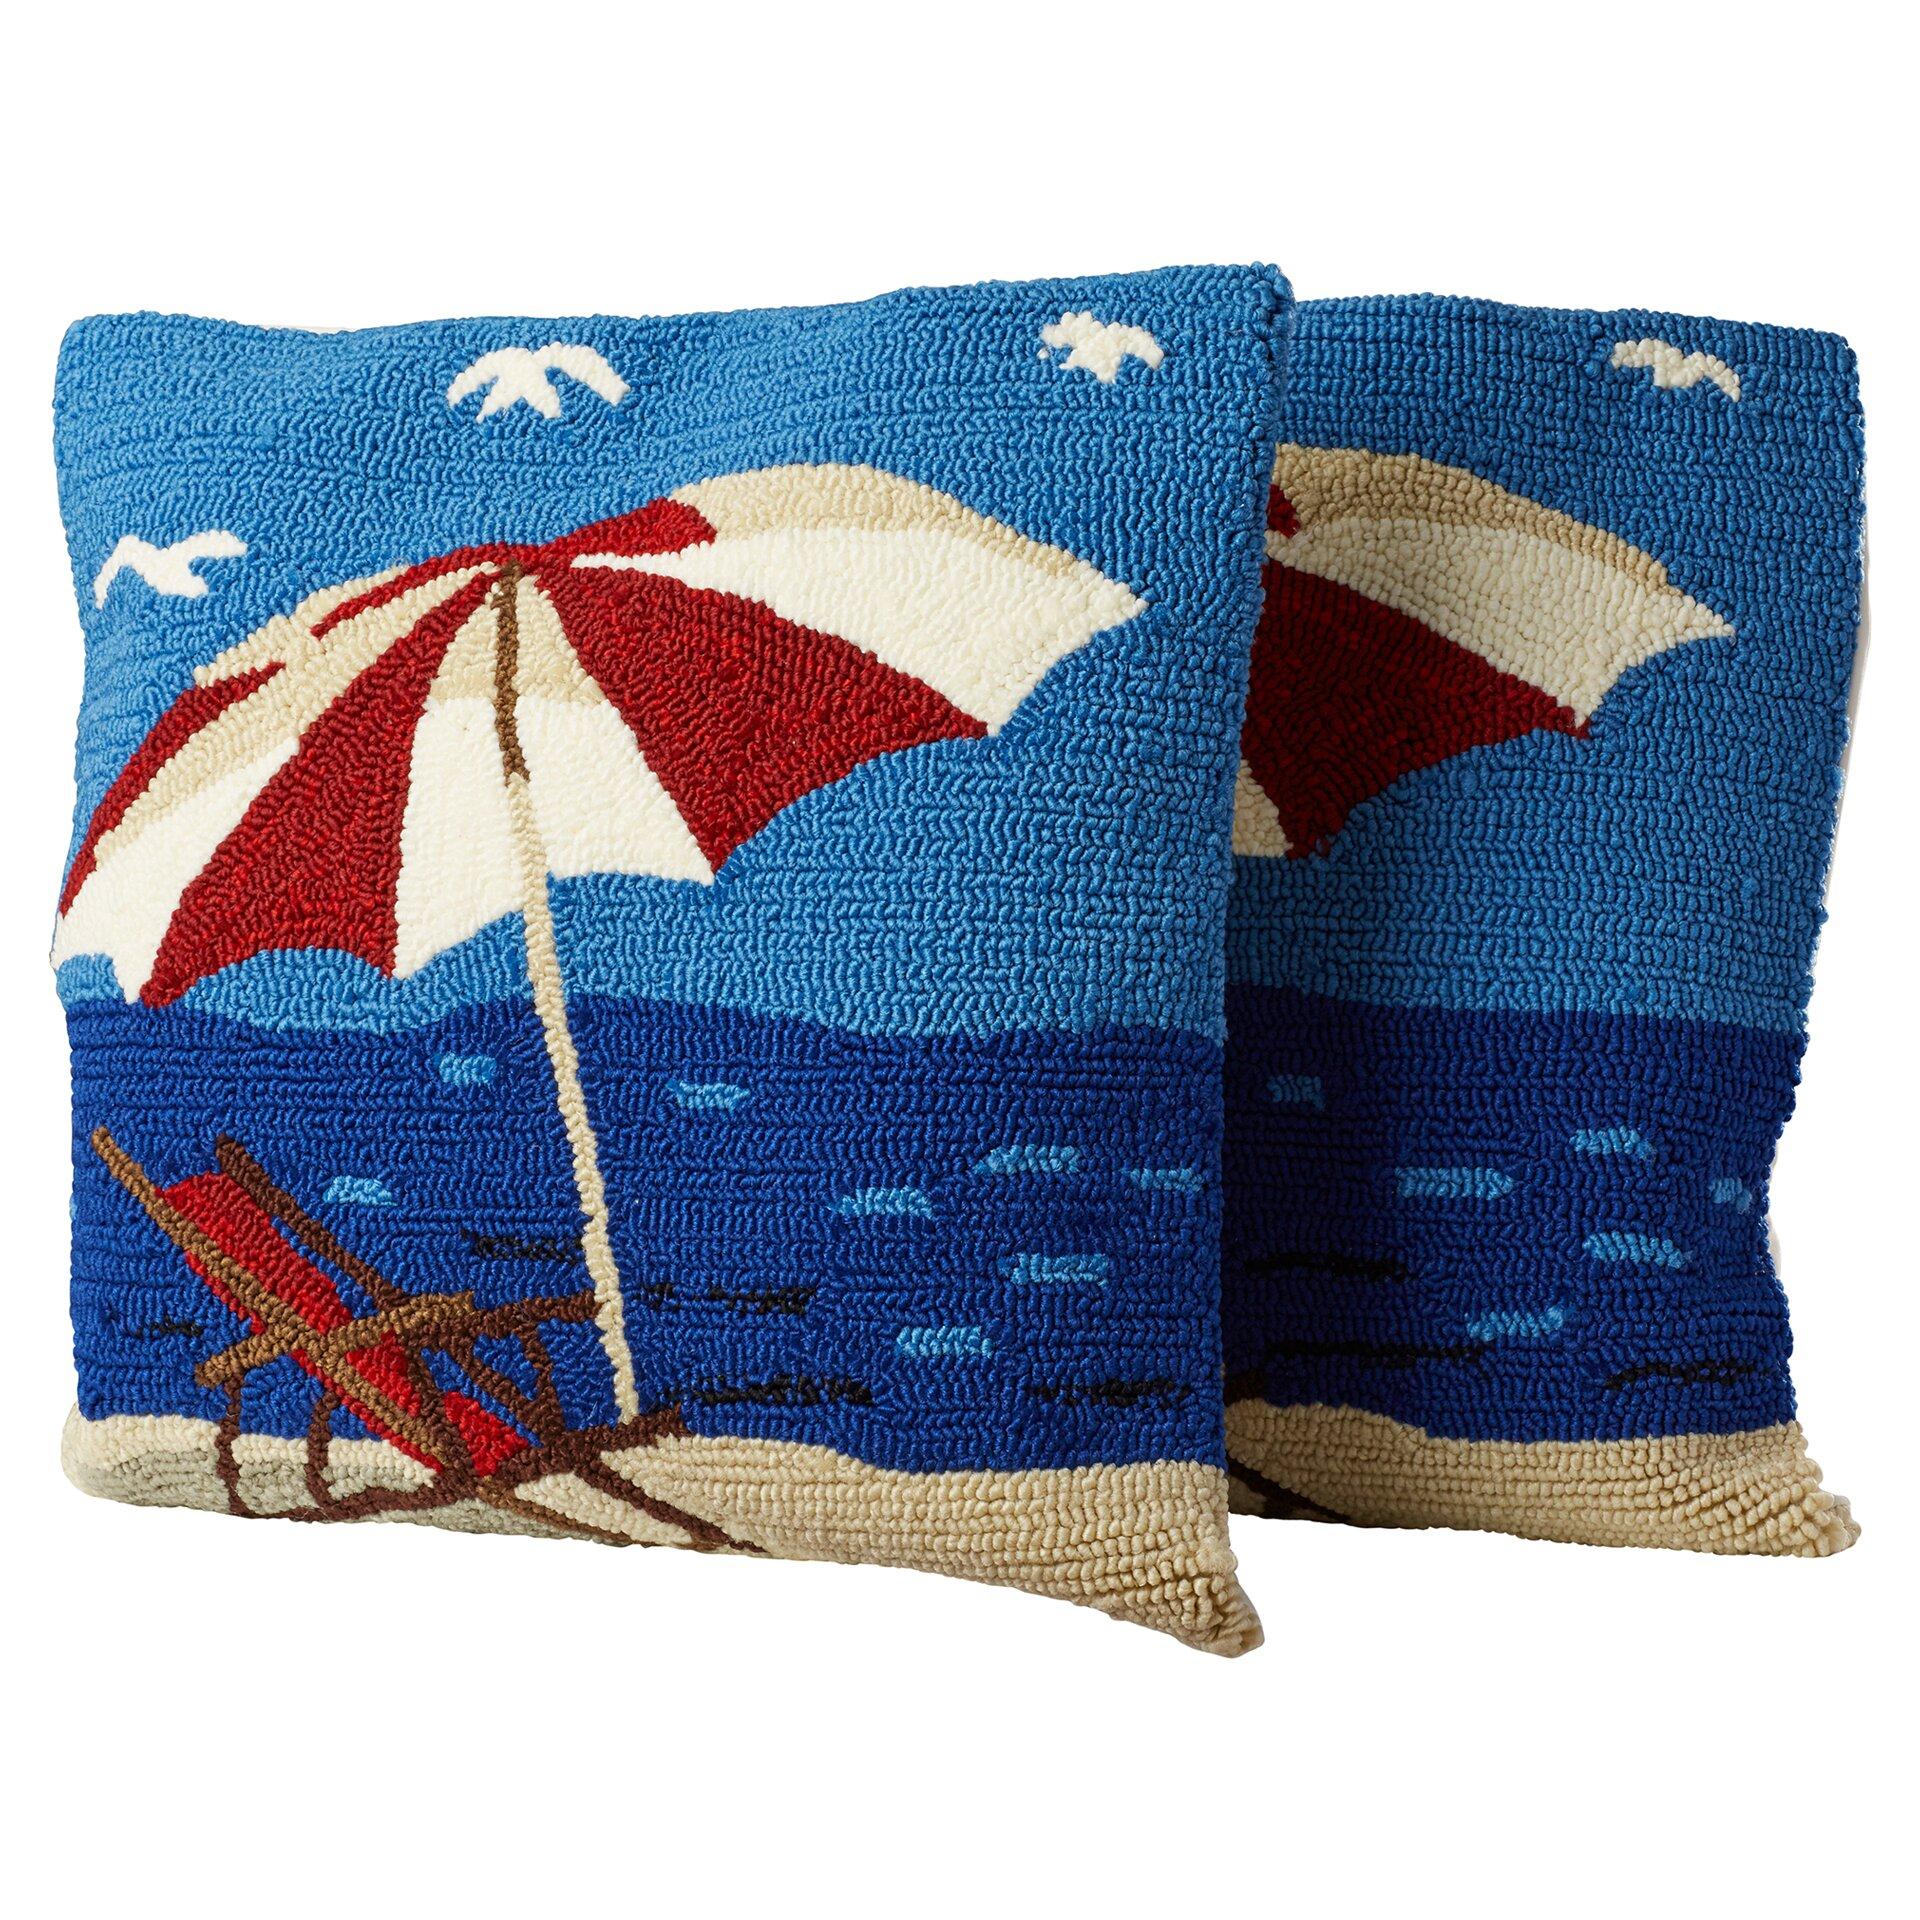 Breakwater Bay Hendersonville Lounge Decorative Indoor/Outdoor Throw Pillow & Reviews Wayfair